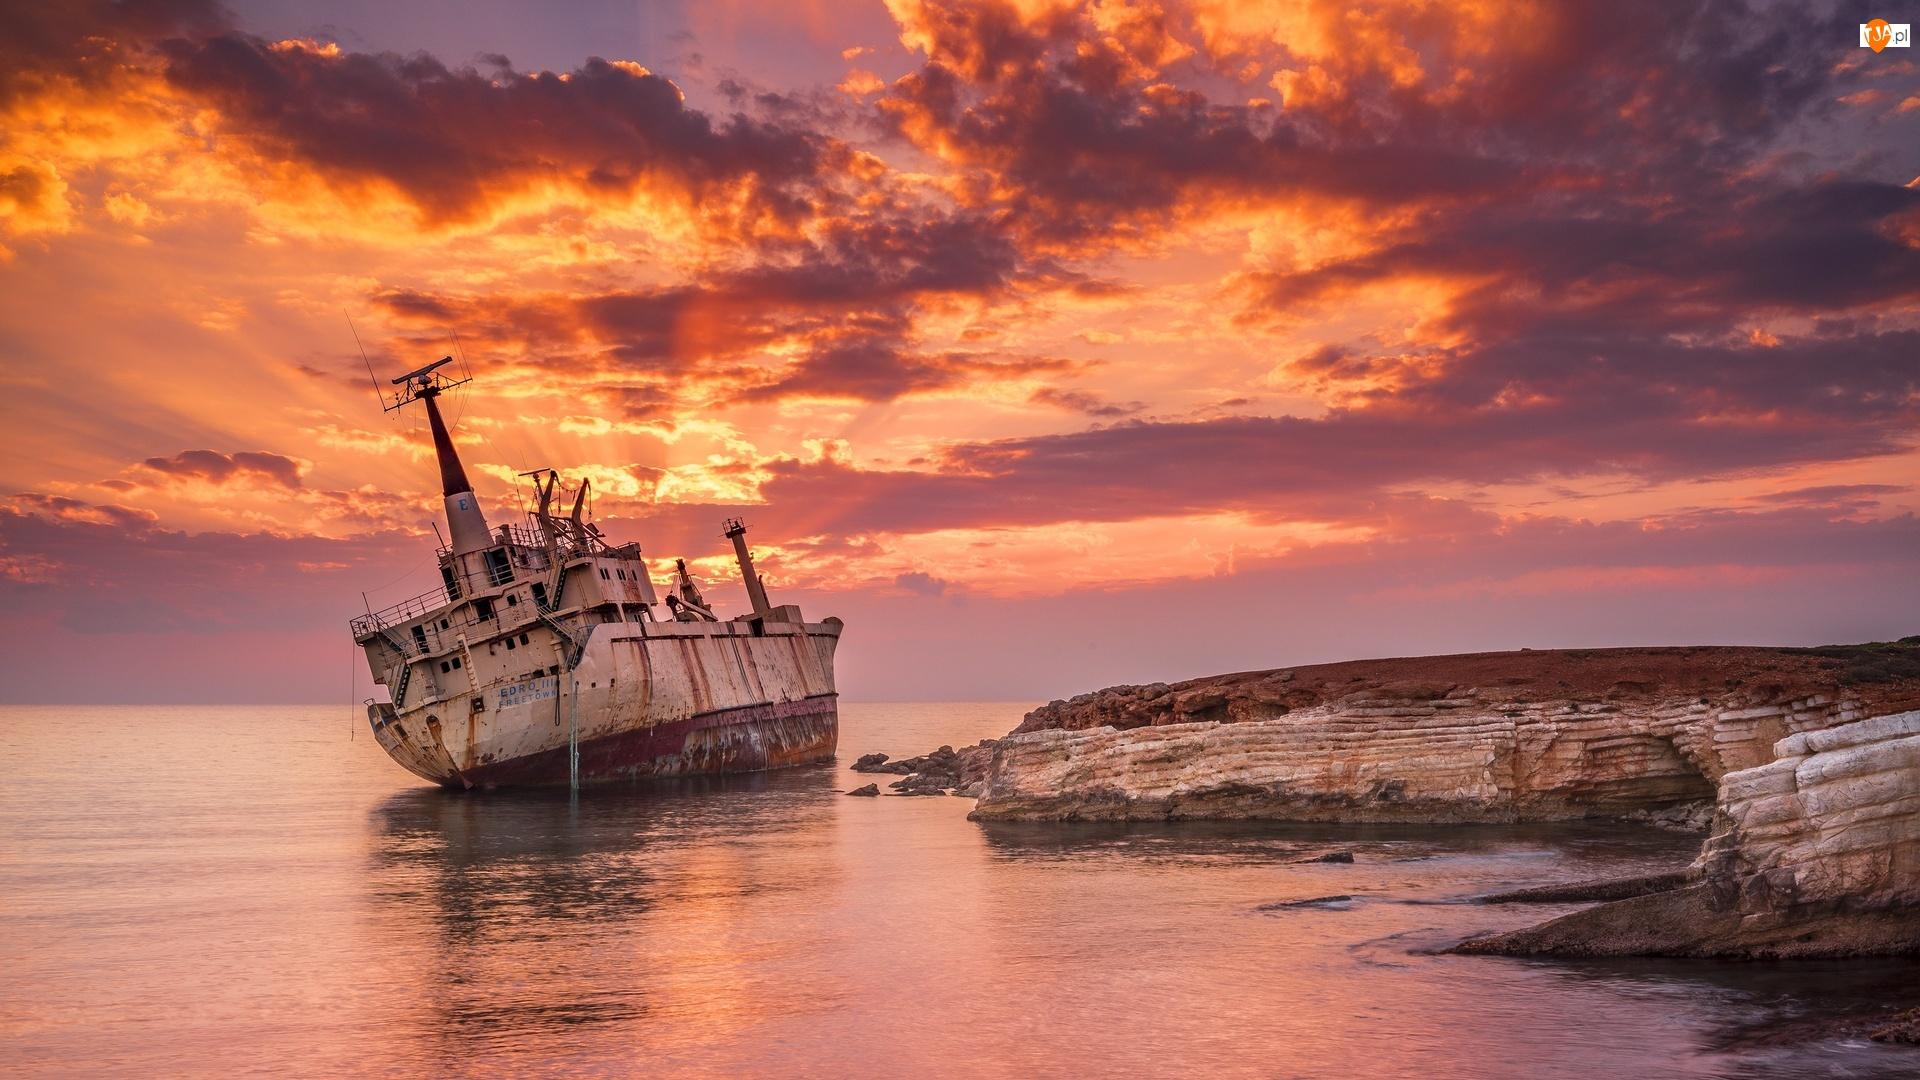 Statek Edro III, Zachód słońca, Wrak, Morze